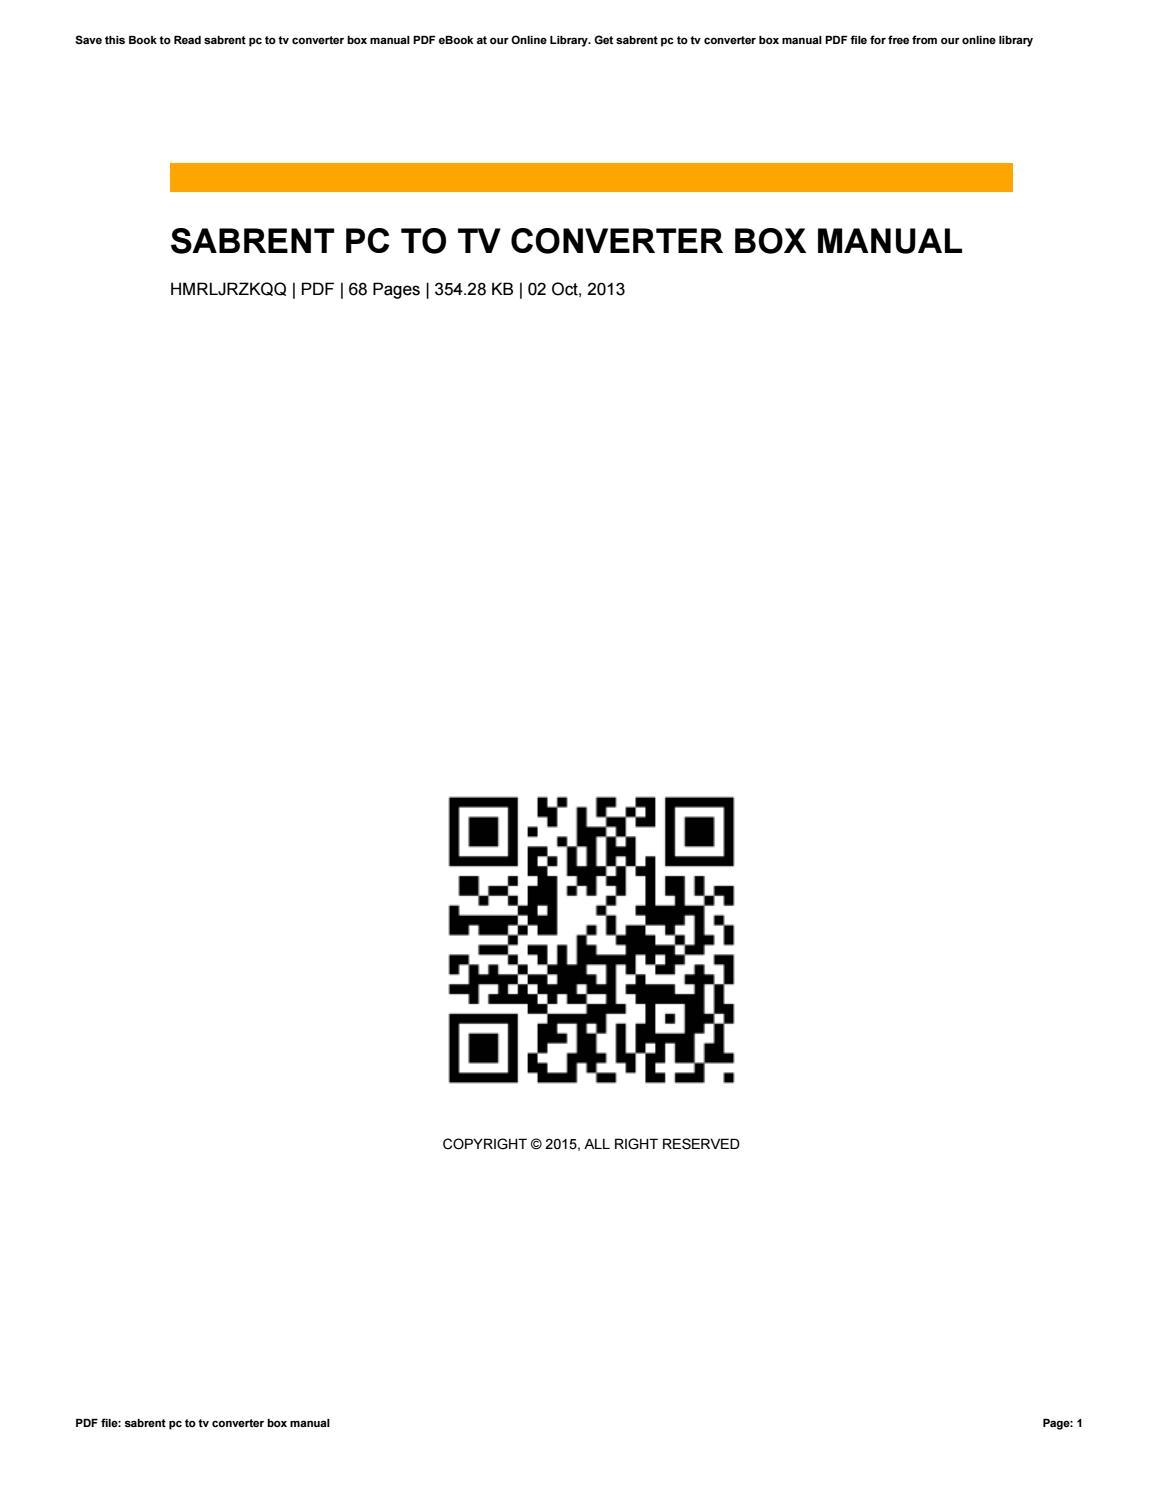 Downloads   sabrent.